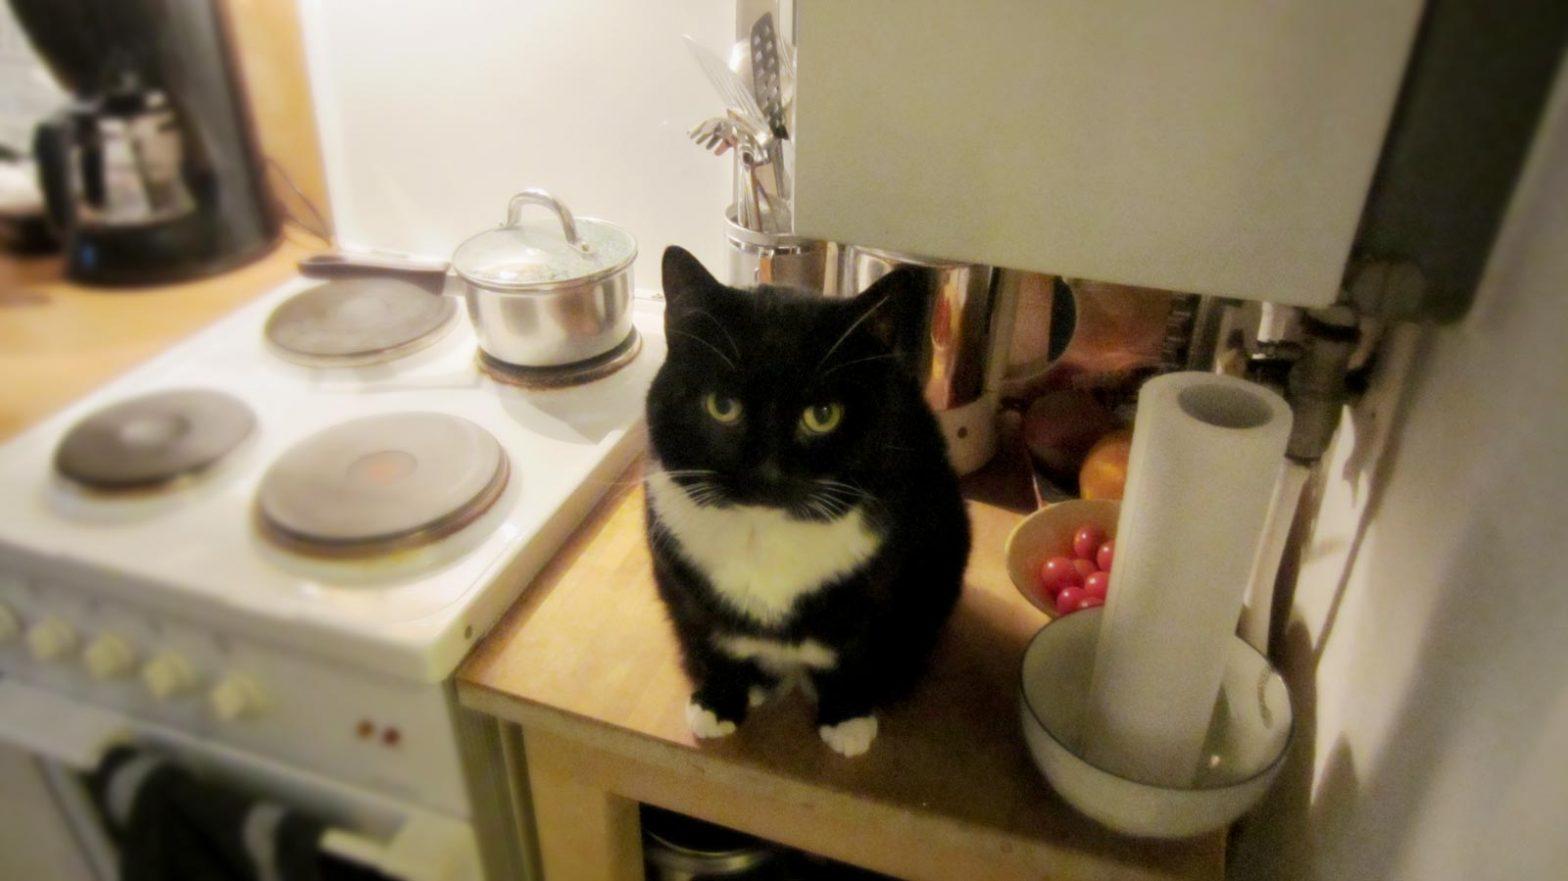 Katze in der Küche: Unter der Gastherme ist einer von Luzis Lieblingsplätzen